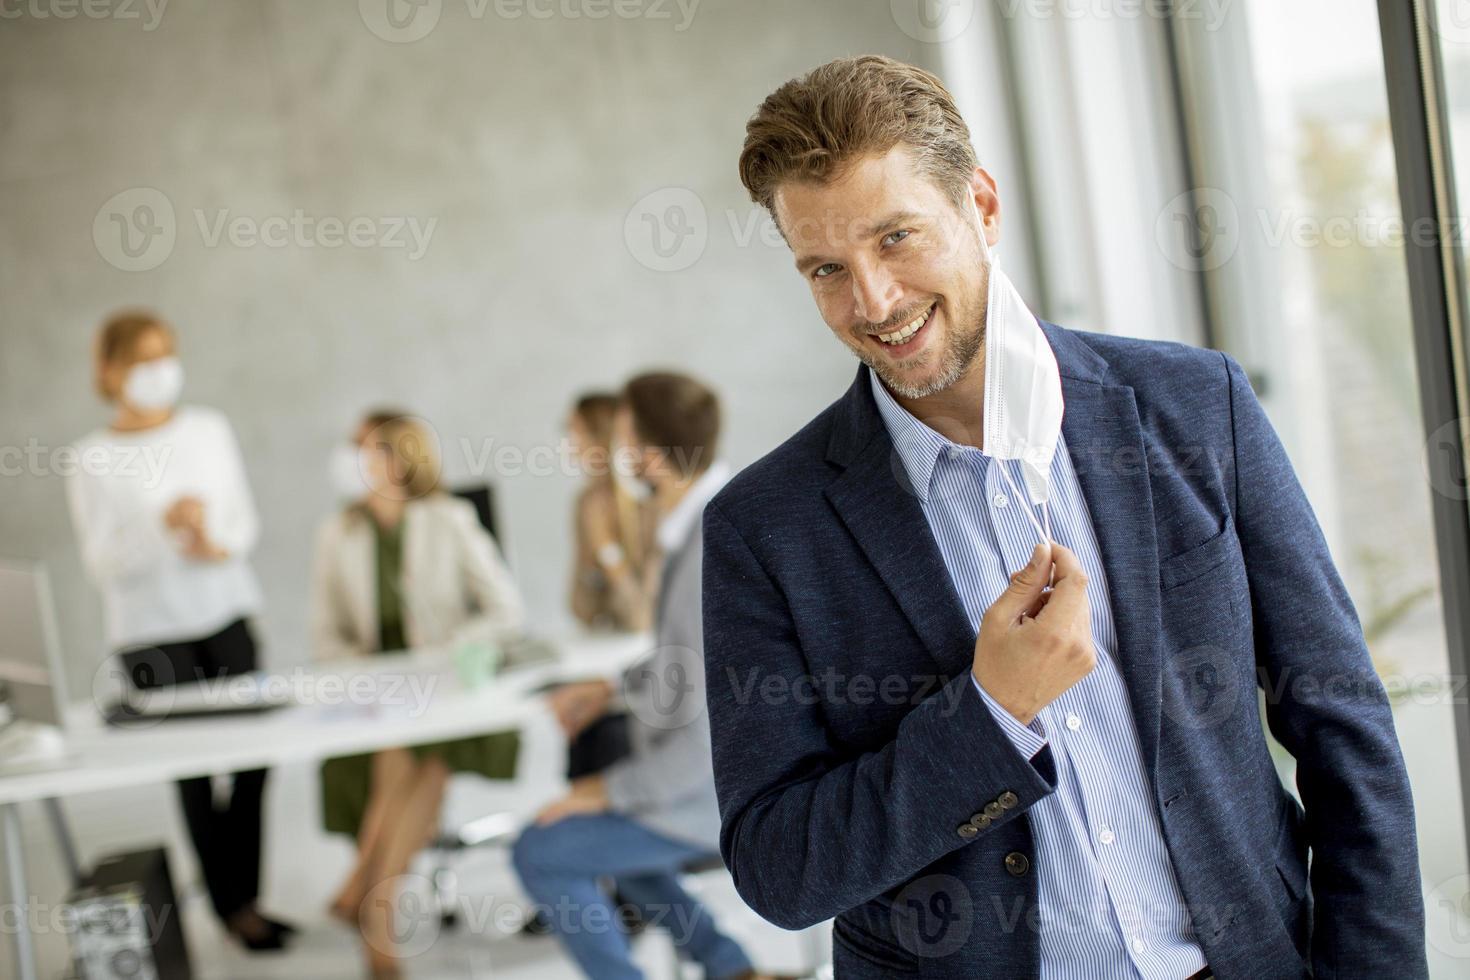 sonriente, hombre de negocios, quitarse, máscara foto